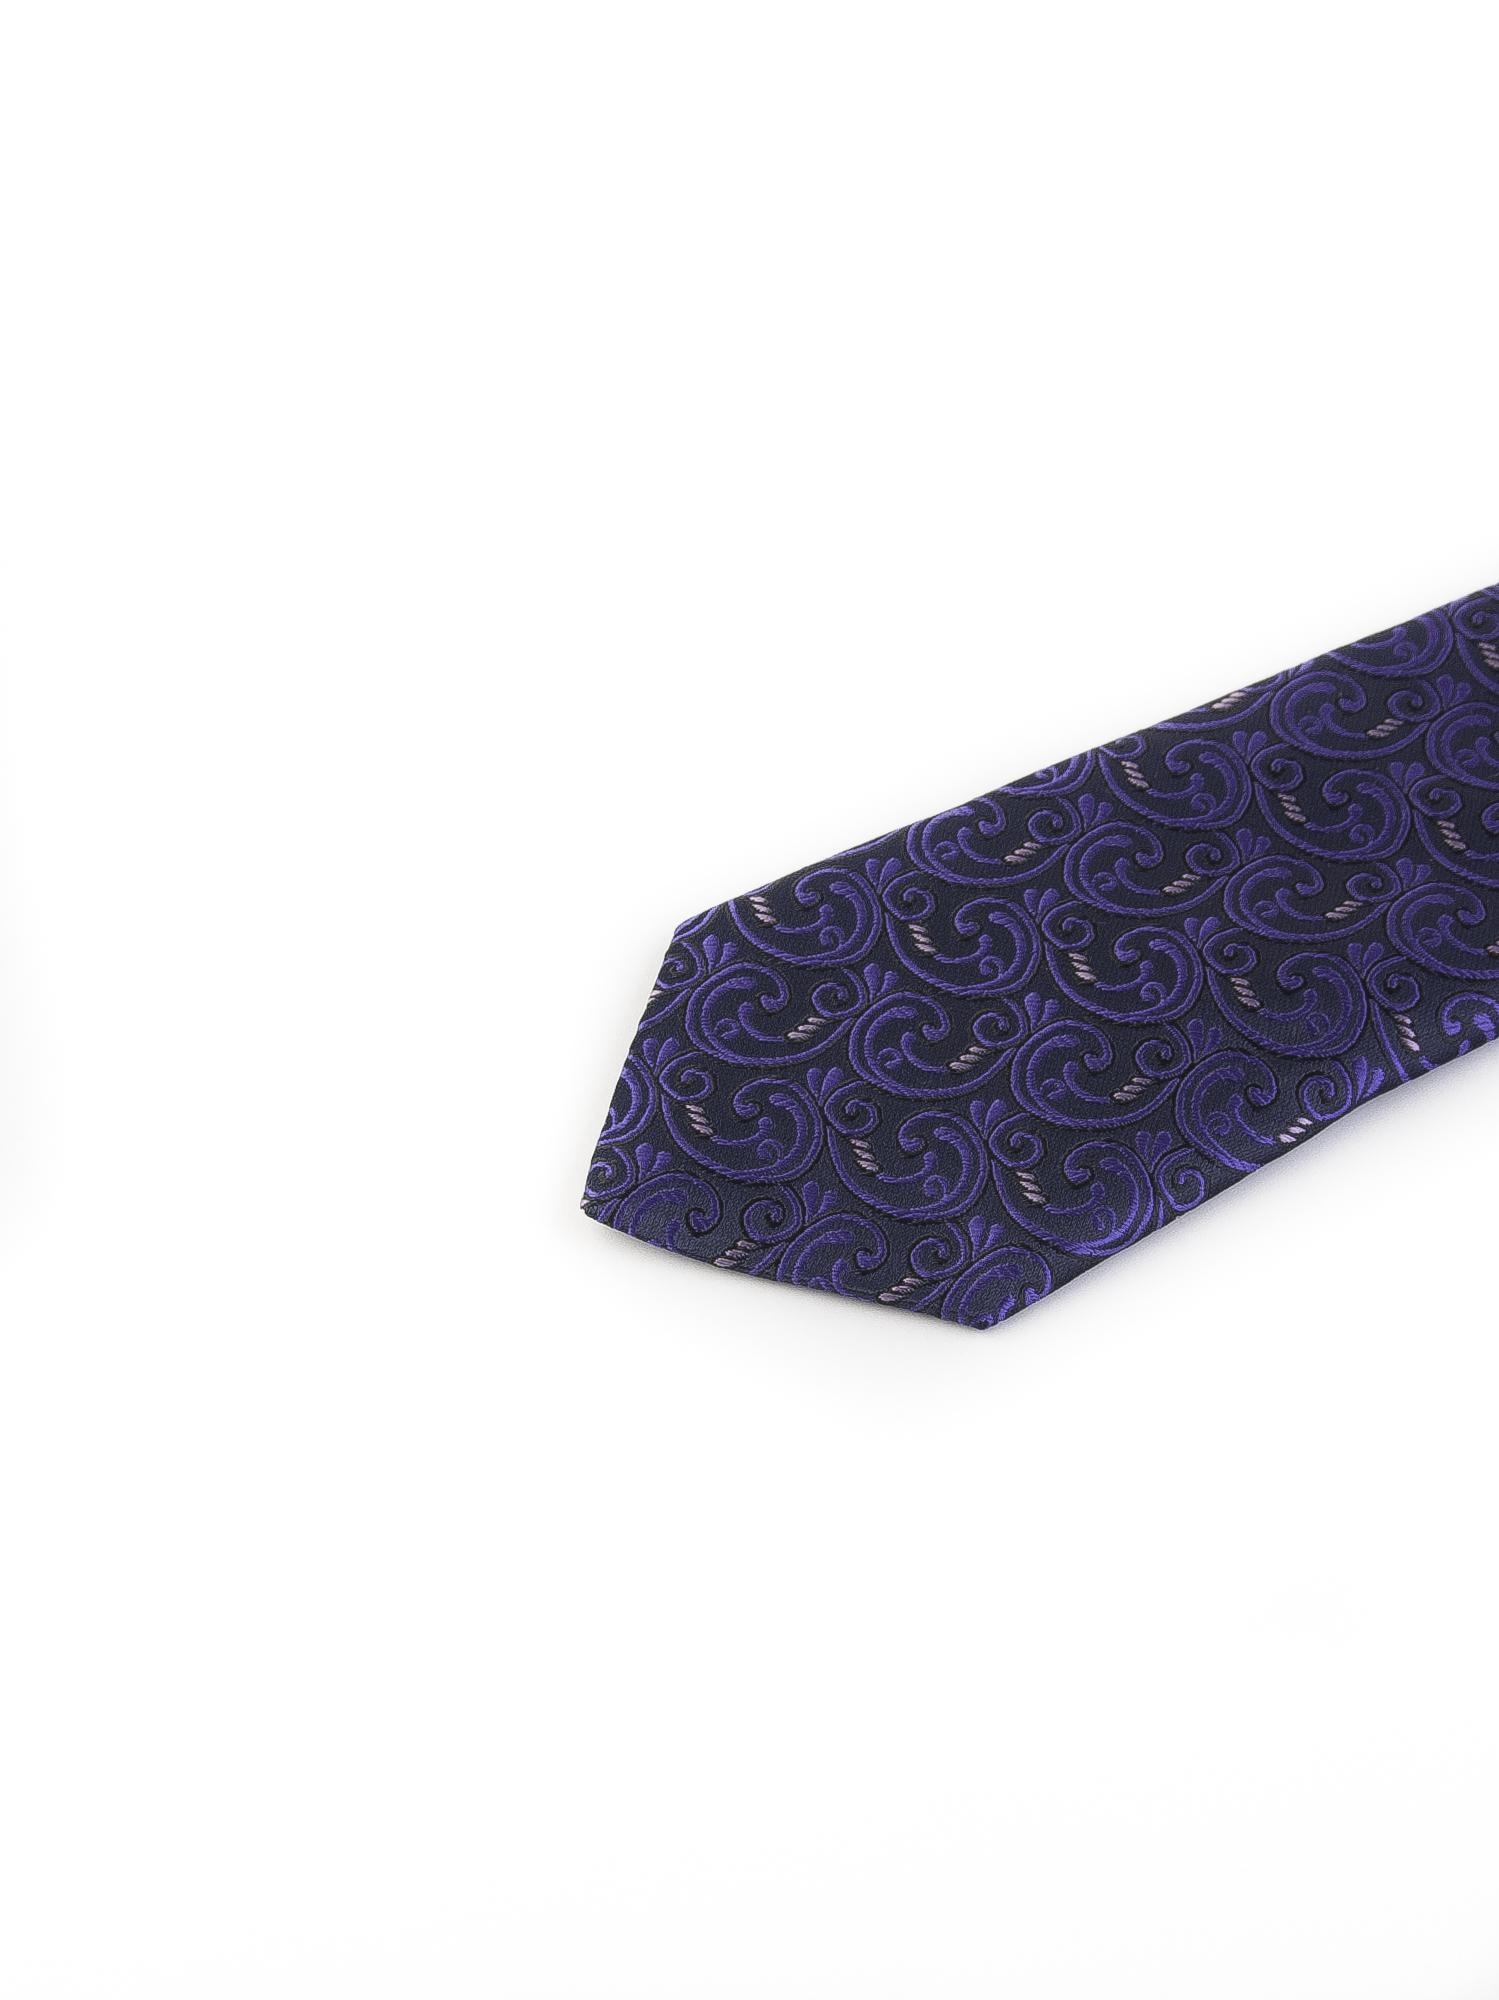 کراوات ابریشمی طرح دار مردانه Rossi کد T1012